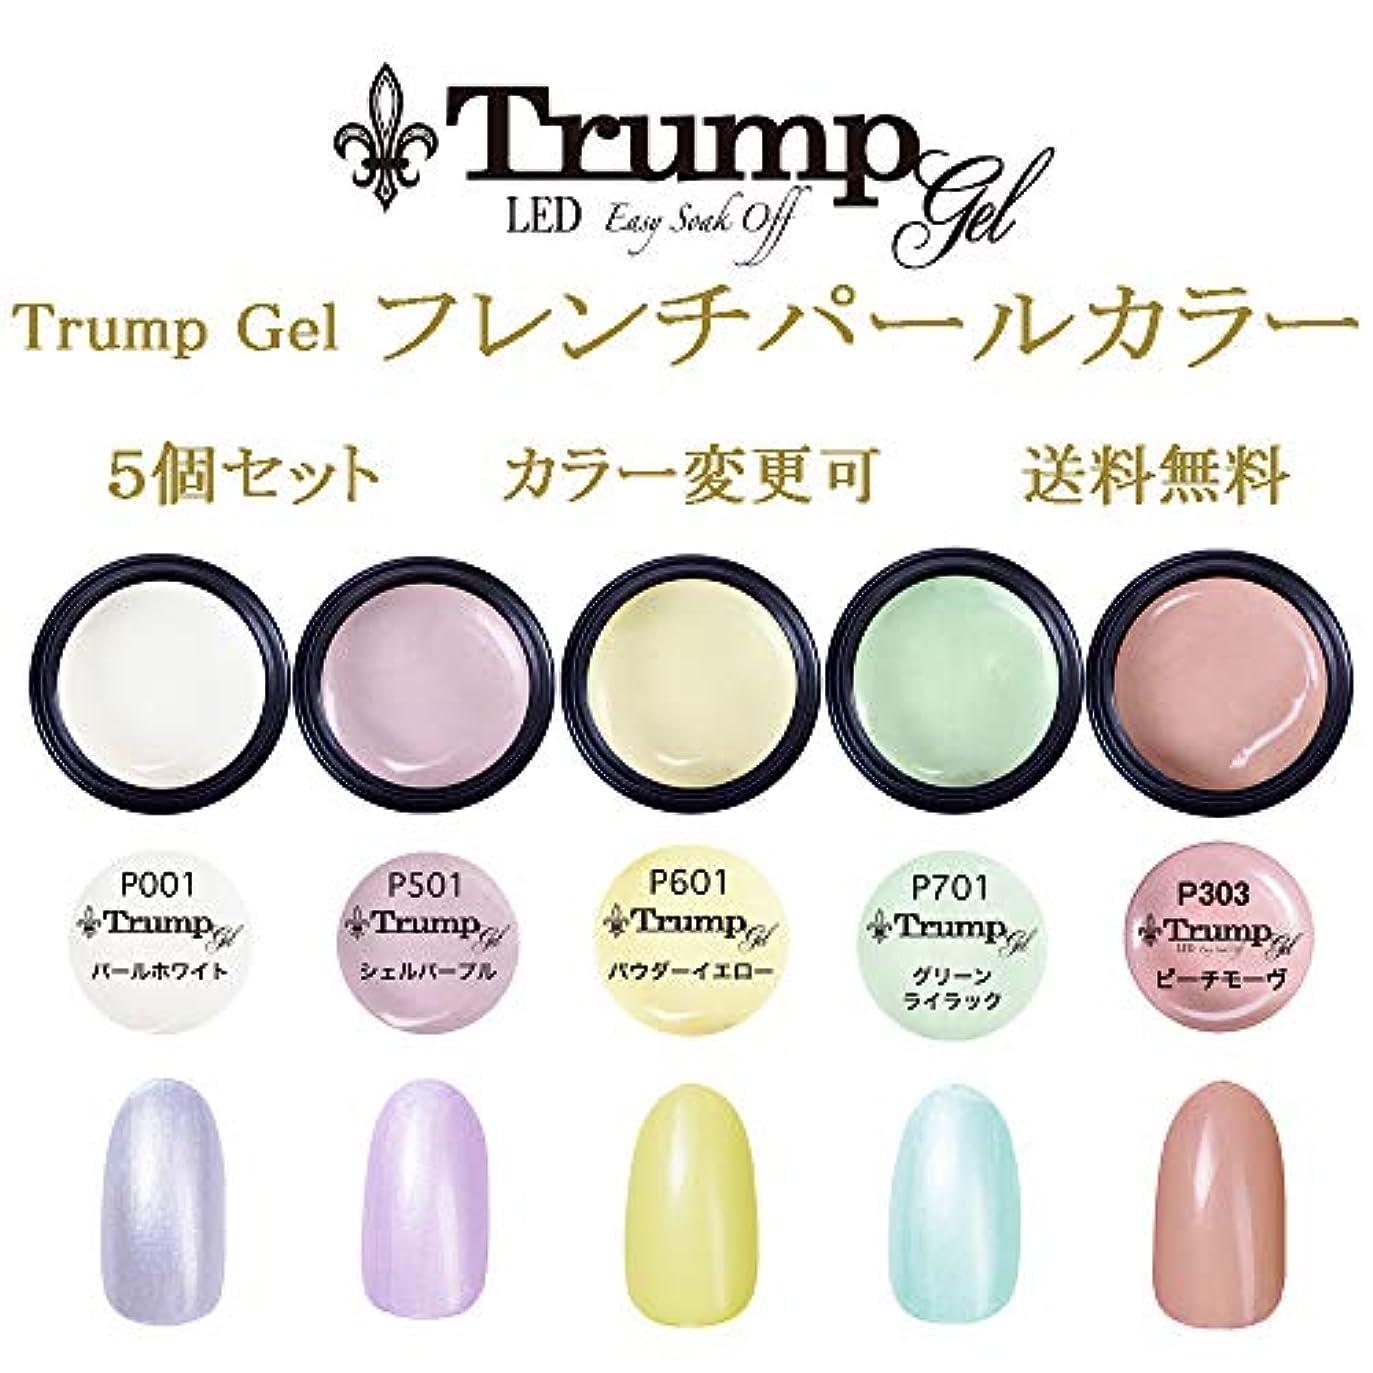 ファイター華氏ぐるぐる【送料無料】Trumpフレンチパールカラー選べる カラージェル5個セット